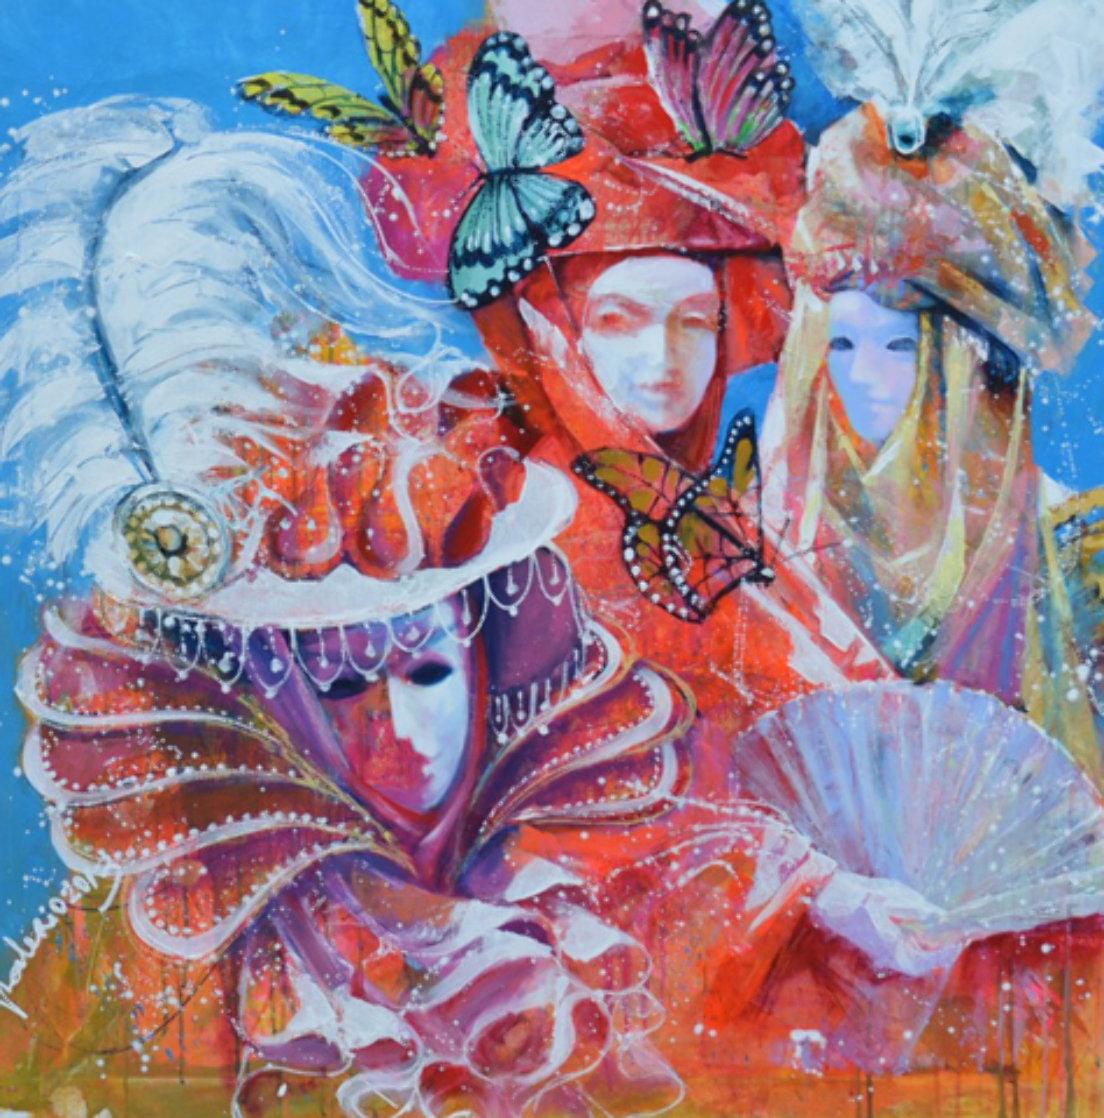 Masquerade Watercolor 2013 40x40 Huge Watercolor by Valeriy Vaskov